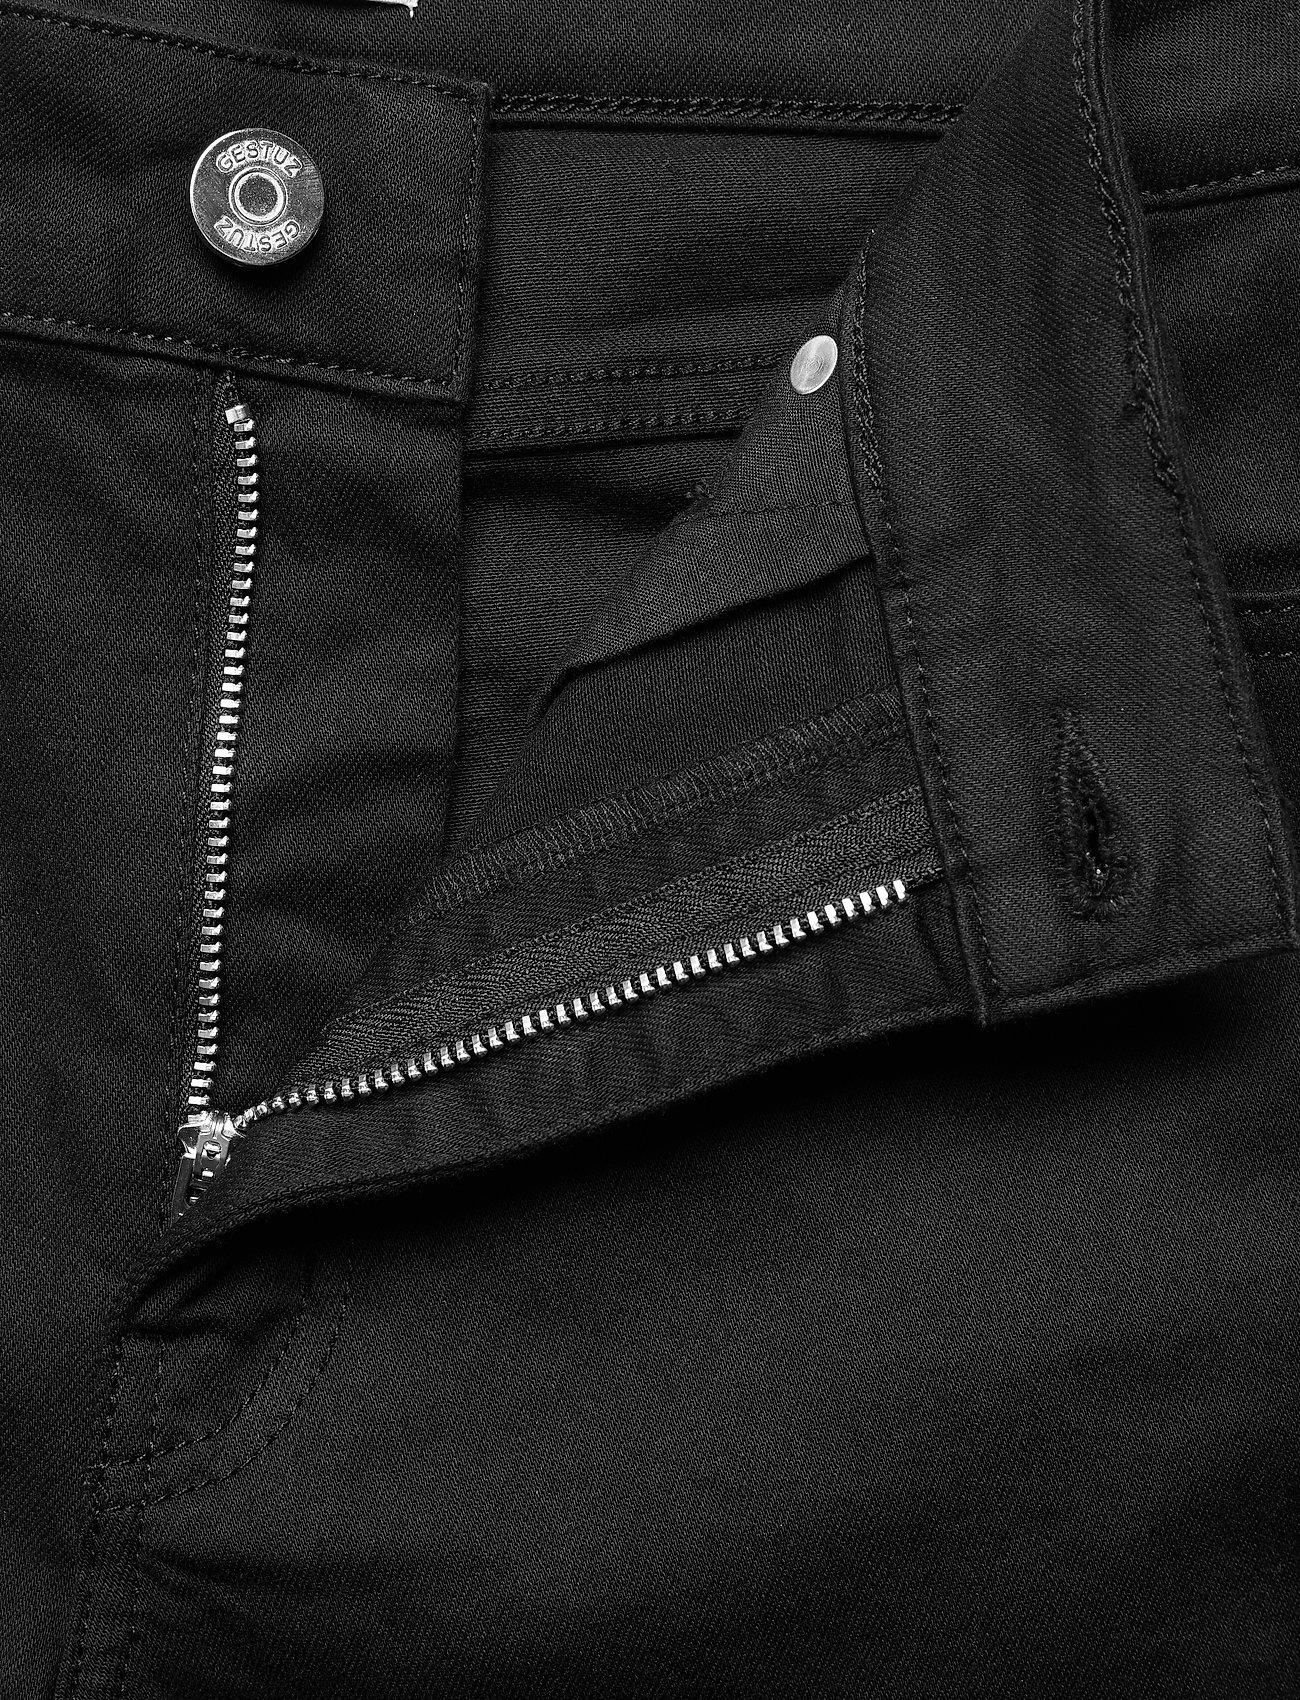 Gestuz - MaggieGZ MW skinny jeans NOOS black - skinny jeans - black - 4